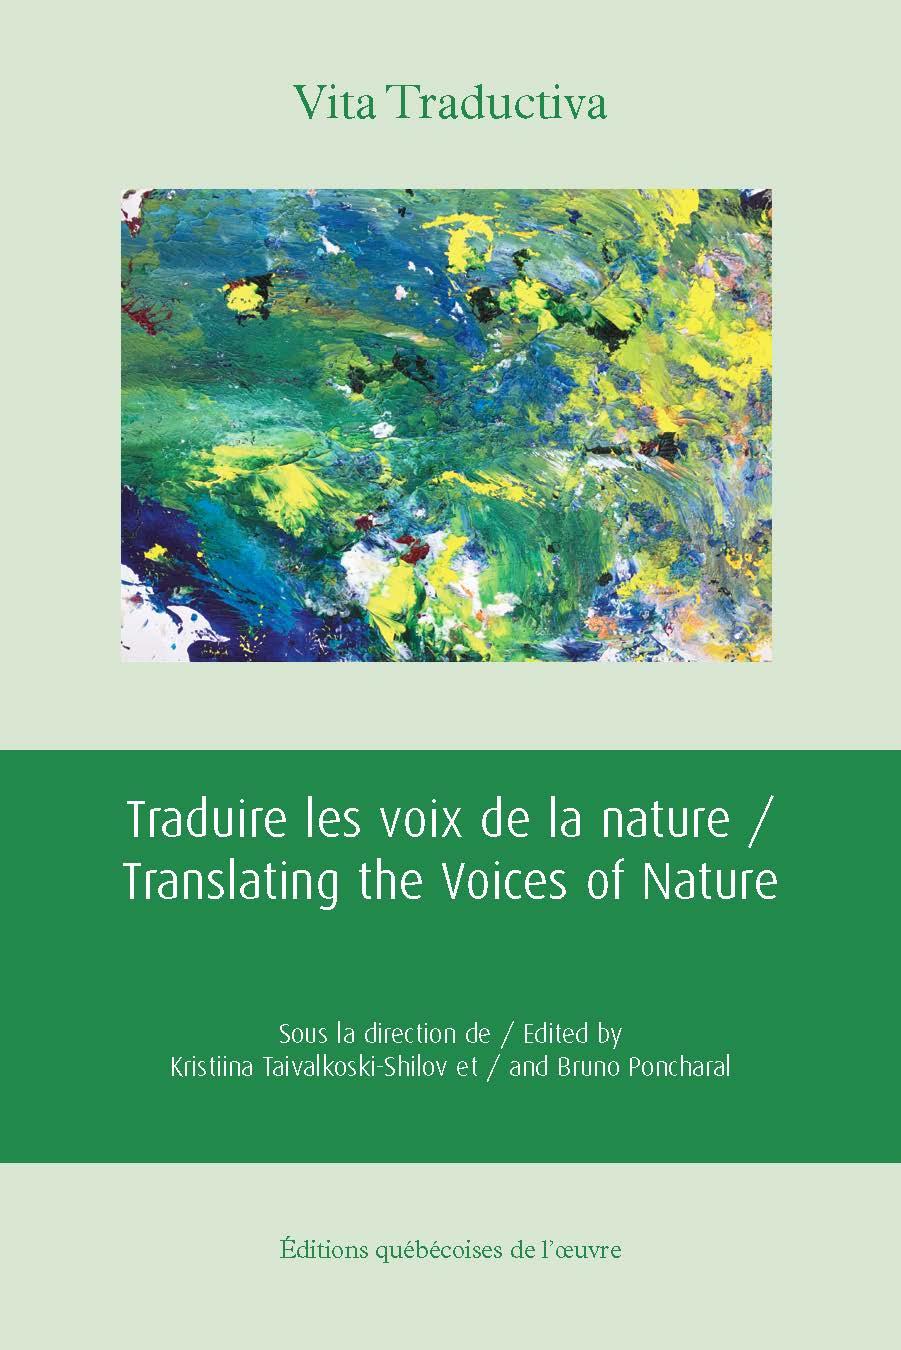 Traduire les voix de la nature / Translating the Voices of Nature